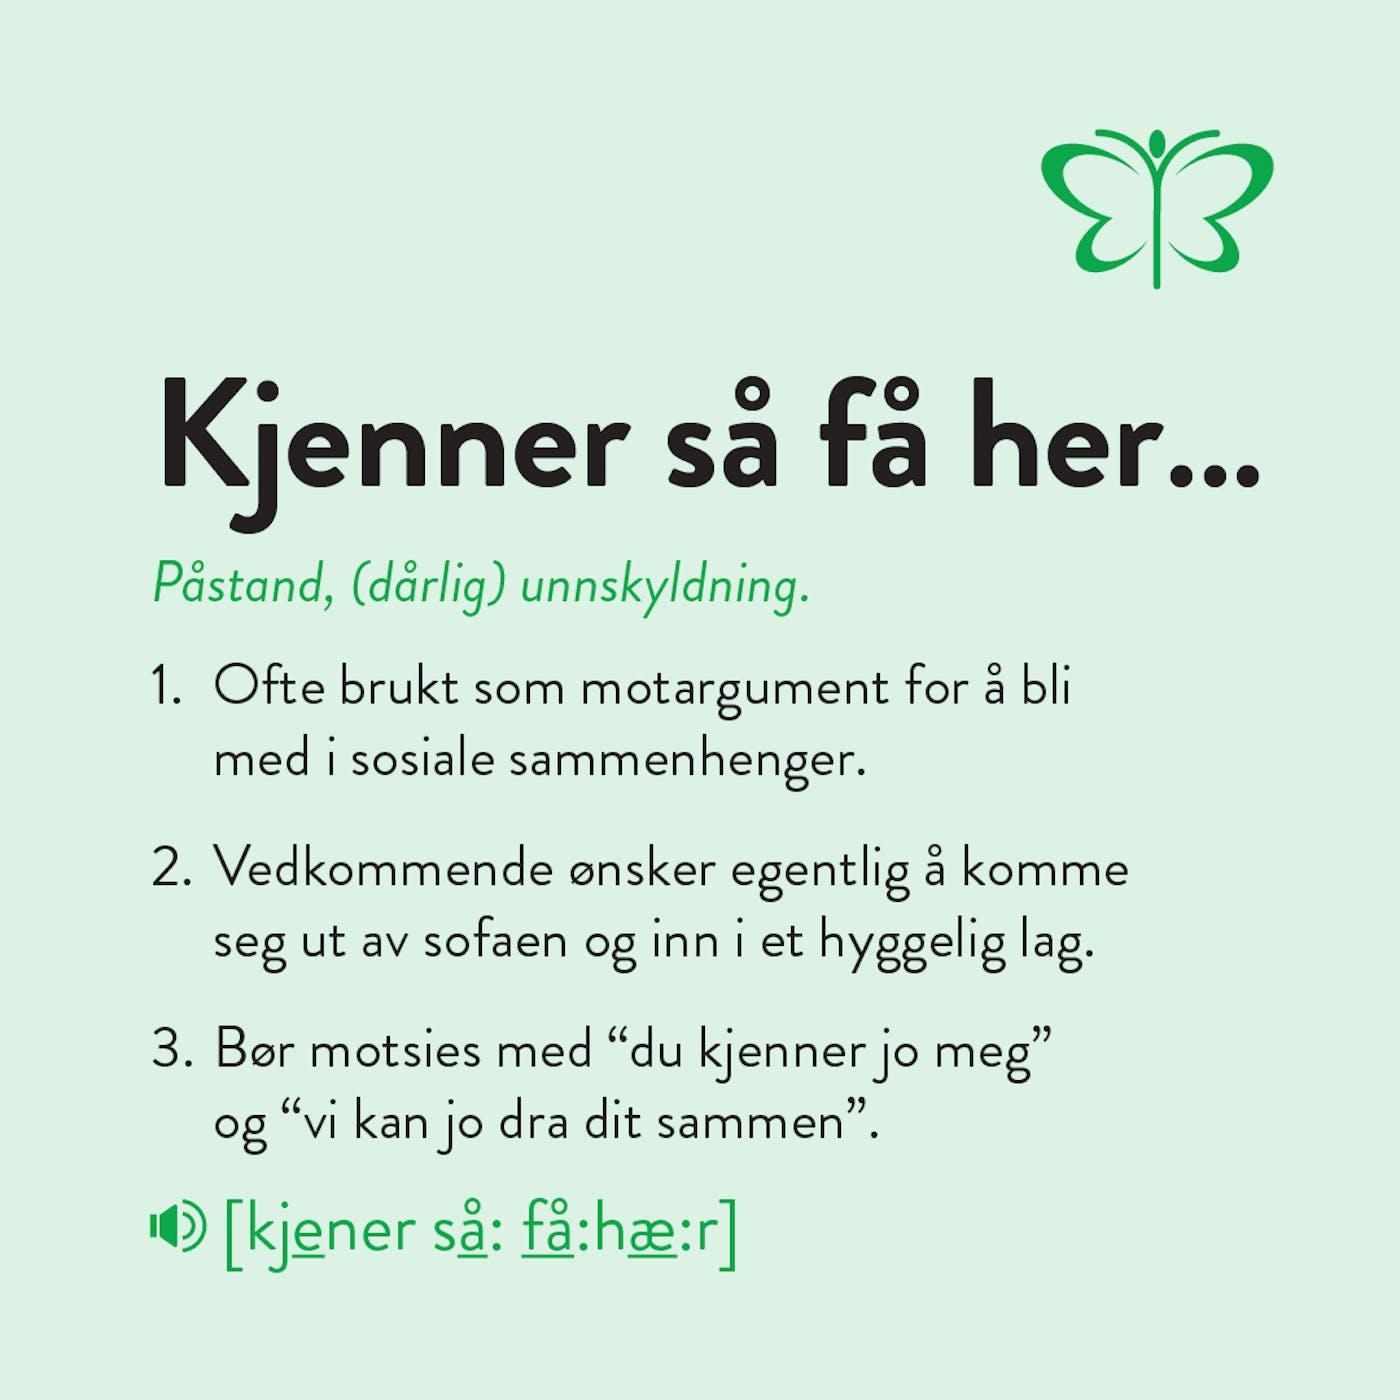 21 Verdensdagen Urban Dictionary Post Grønn Nabofest